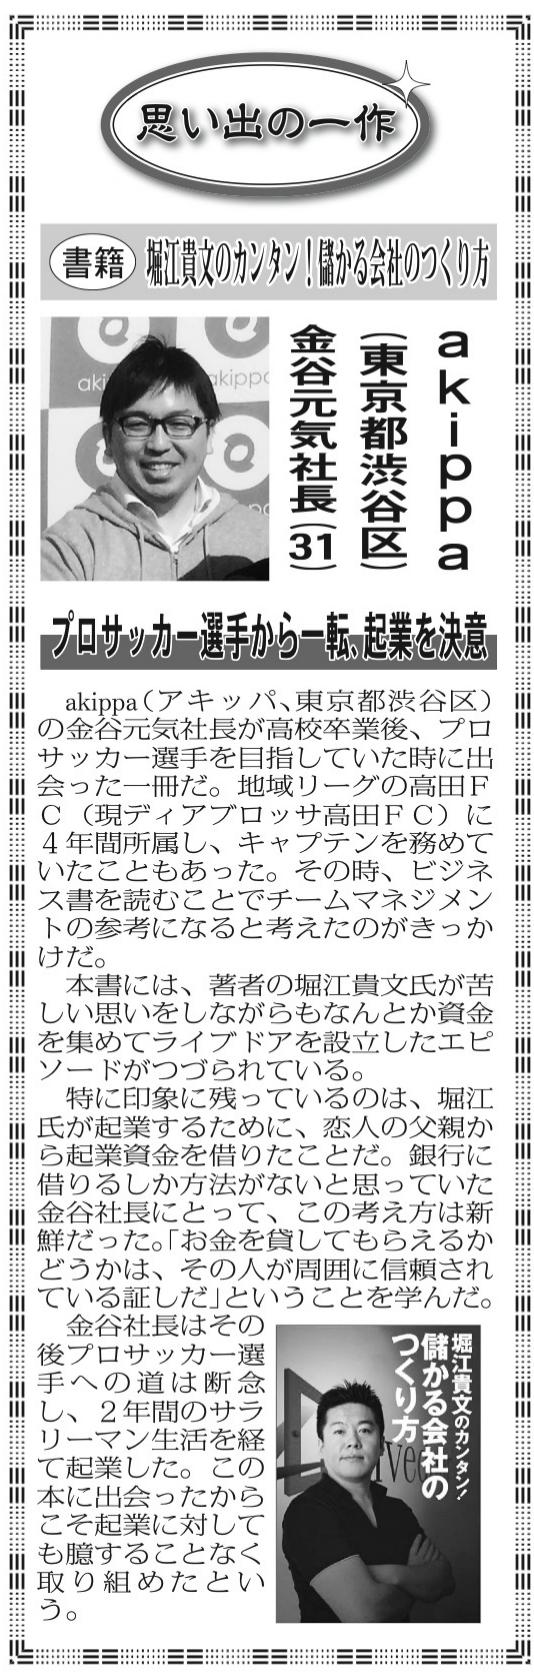 2016年5月9日 賃貸住宅新聞_Fotor